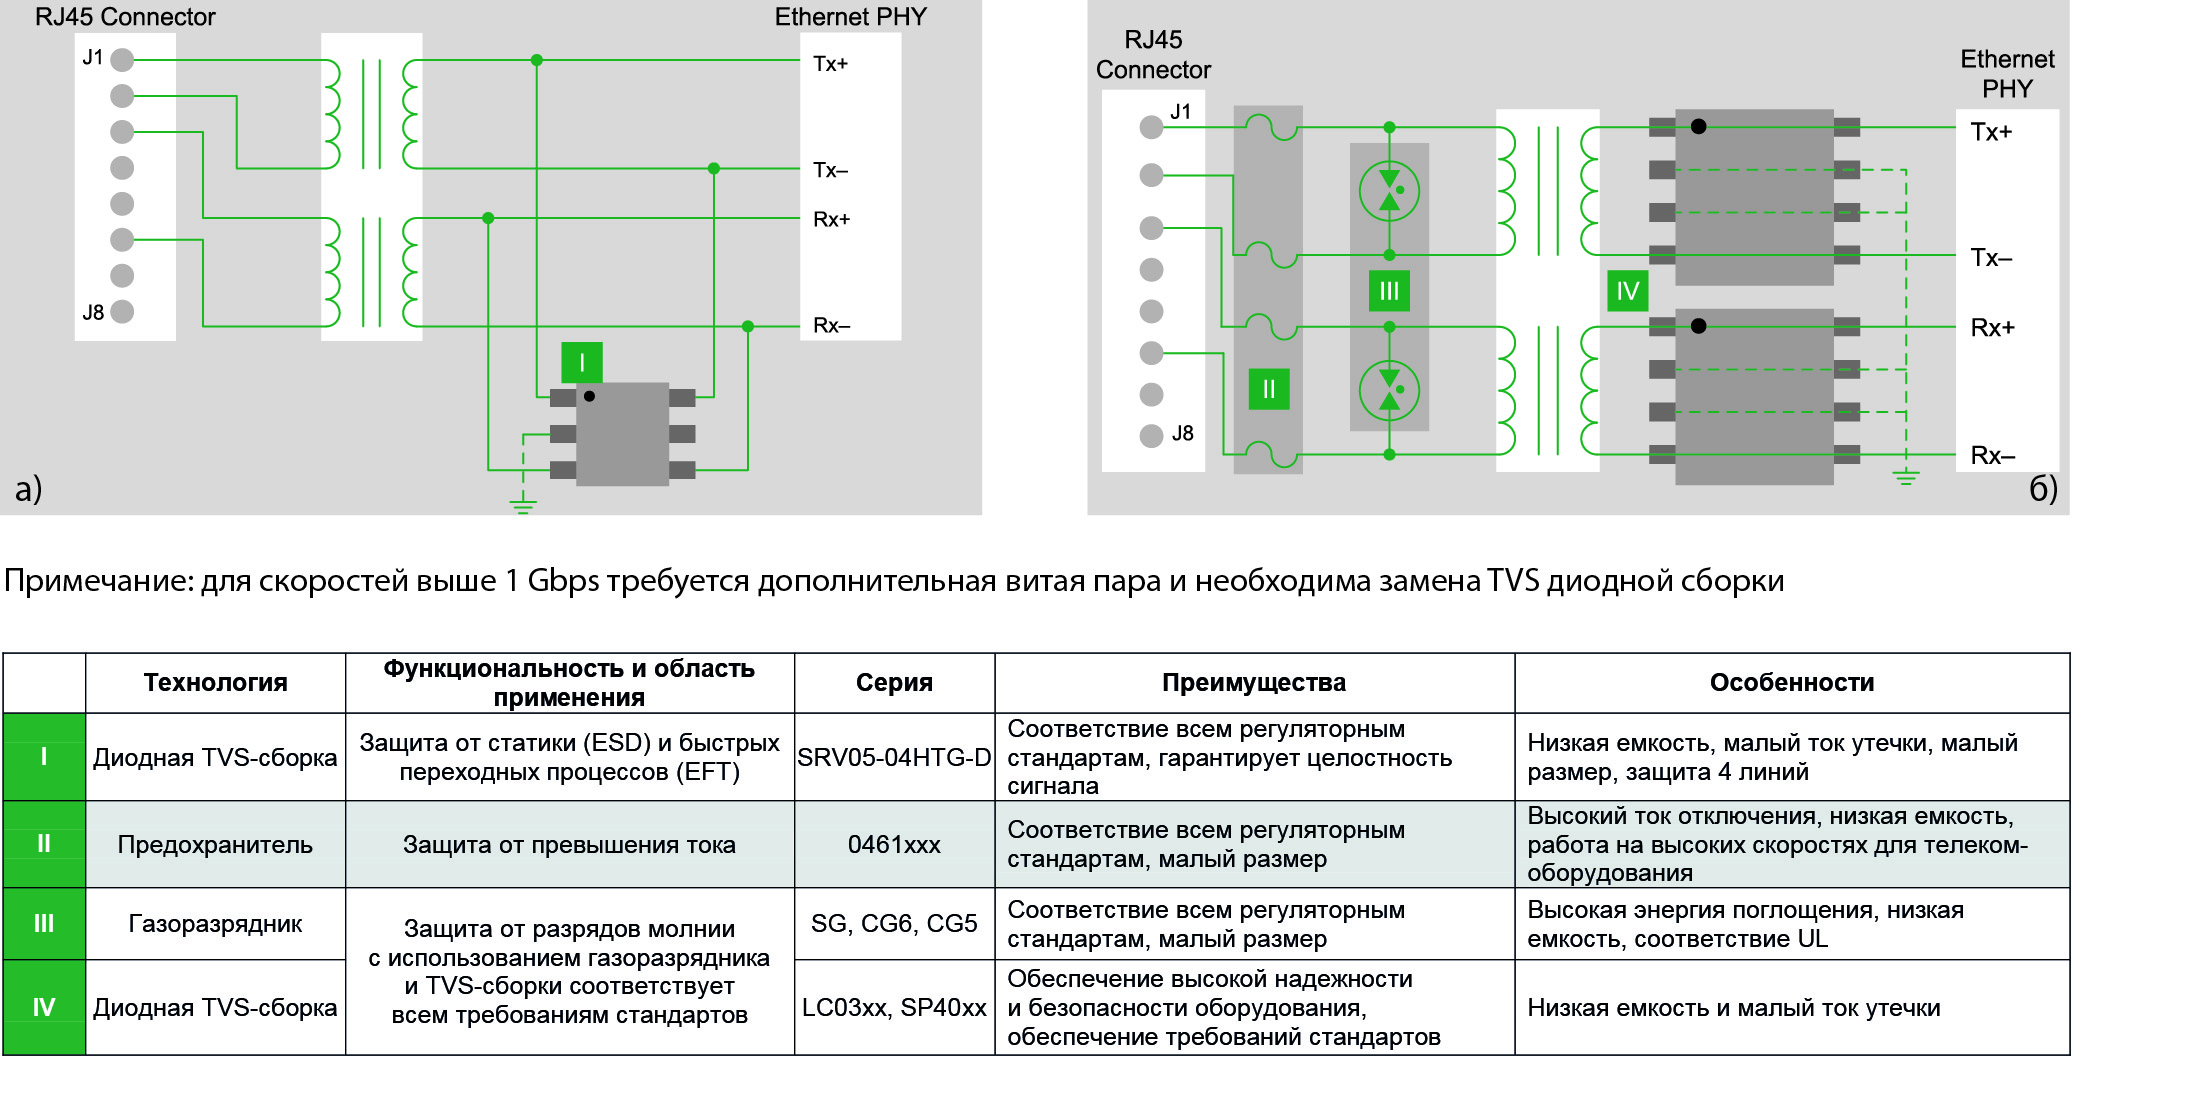 Рекомендованная защита сети PoE для исполнения внутри зданий и уличного исполнения